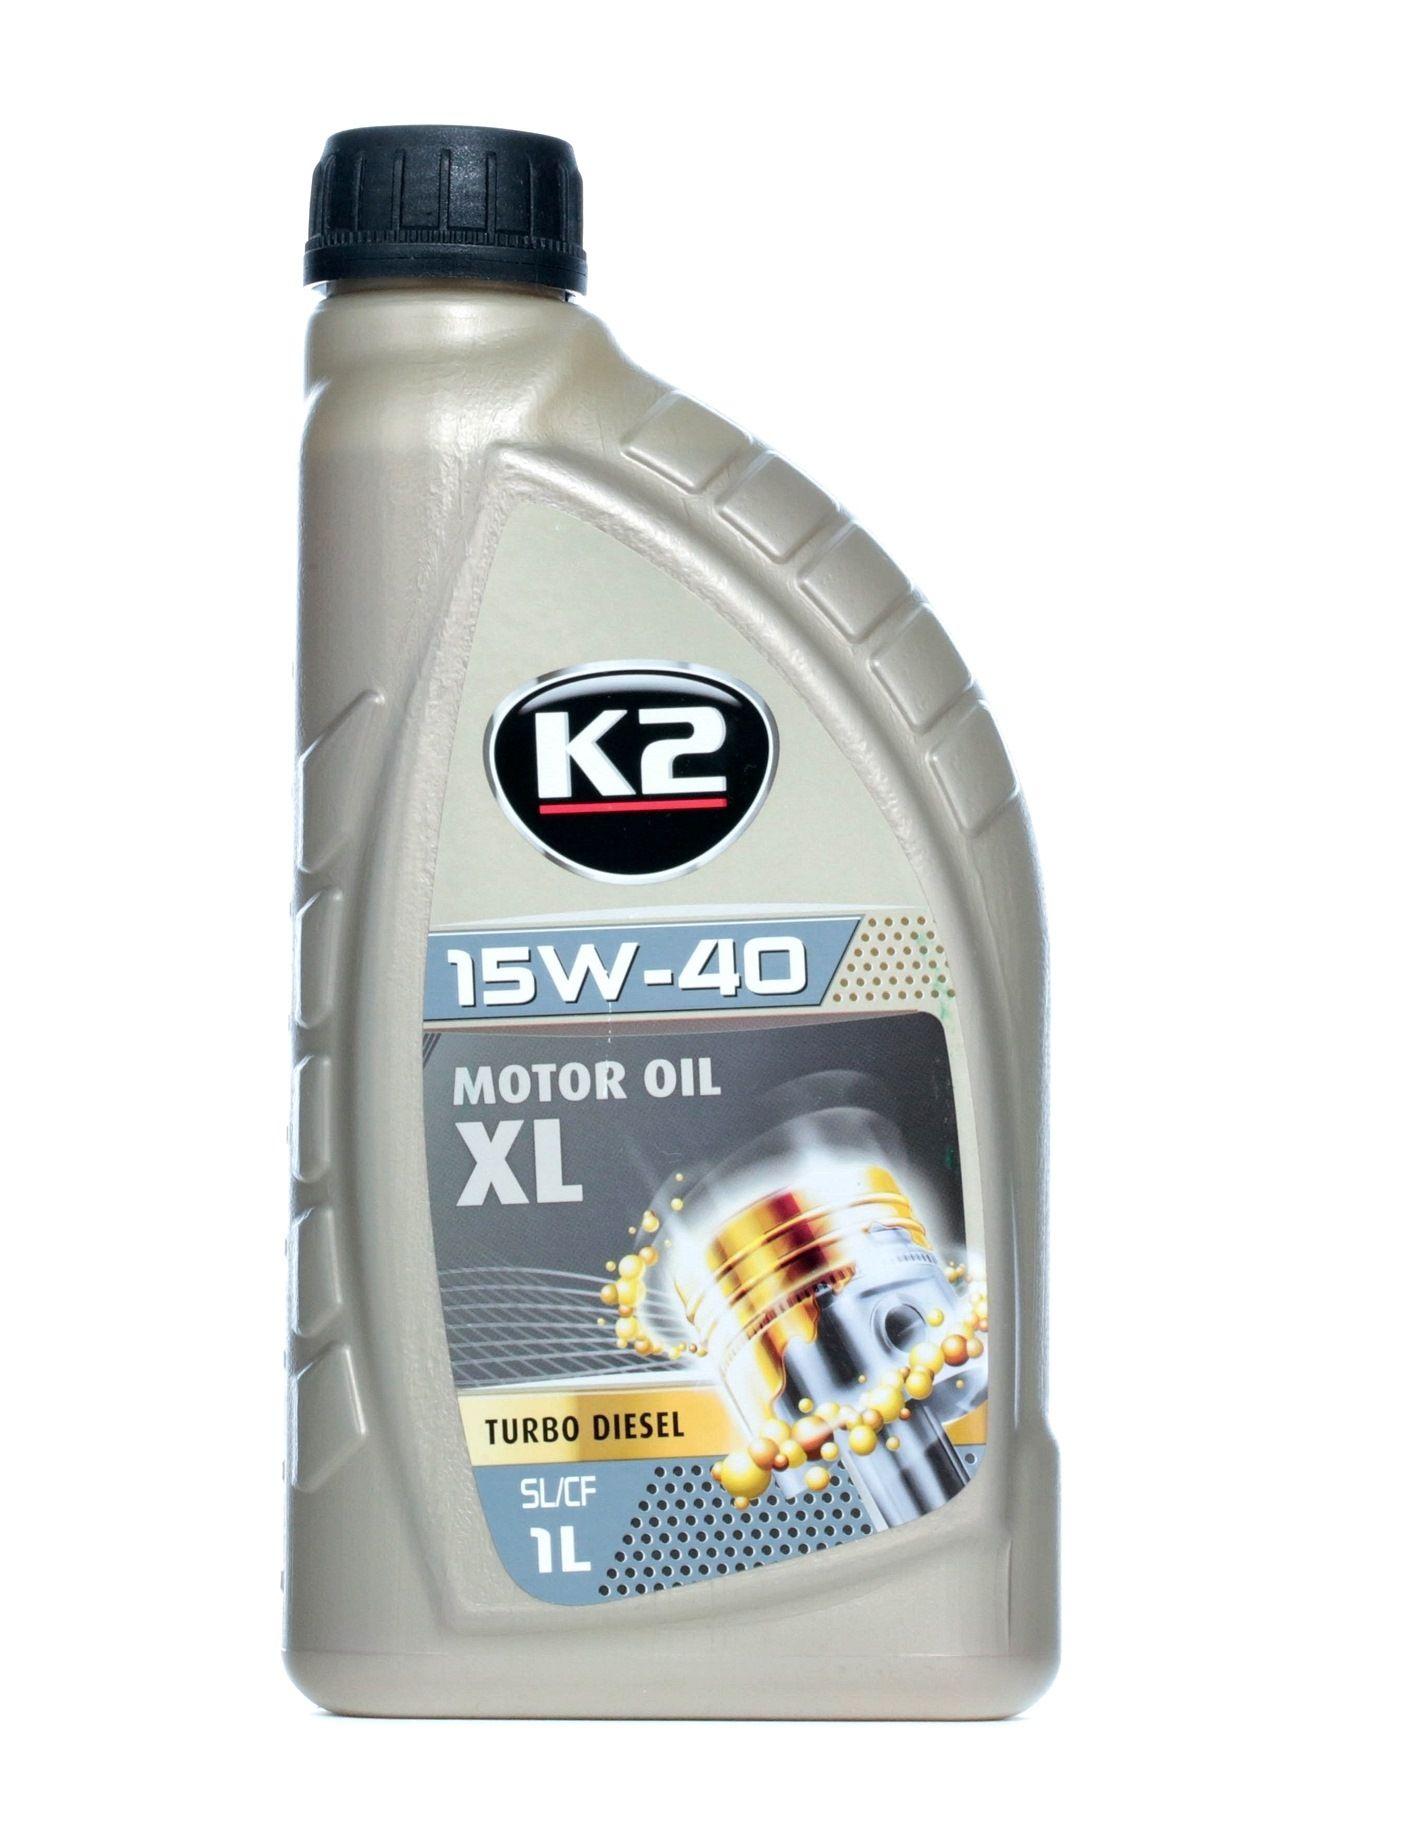 Motorový olej O14D0001 s vynikajícím poměrem mezi cenou a K2 kvalitou